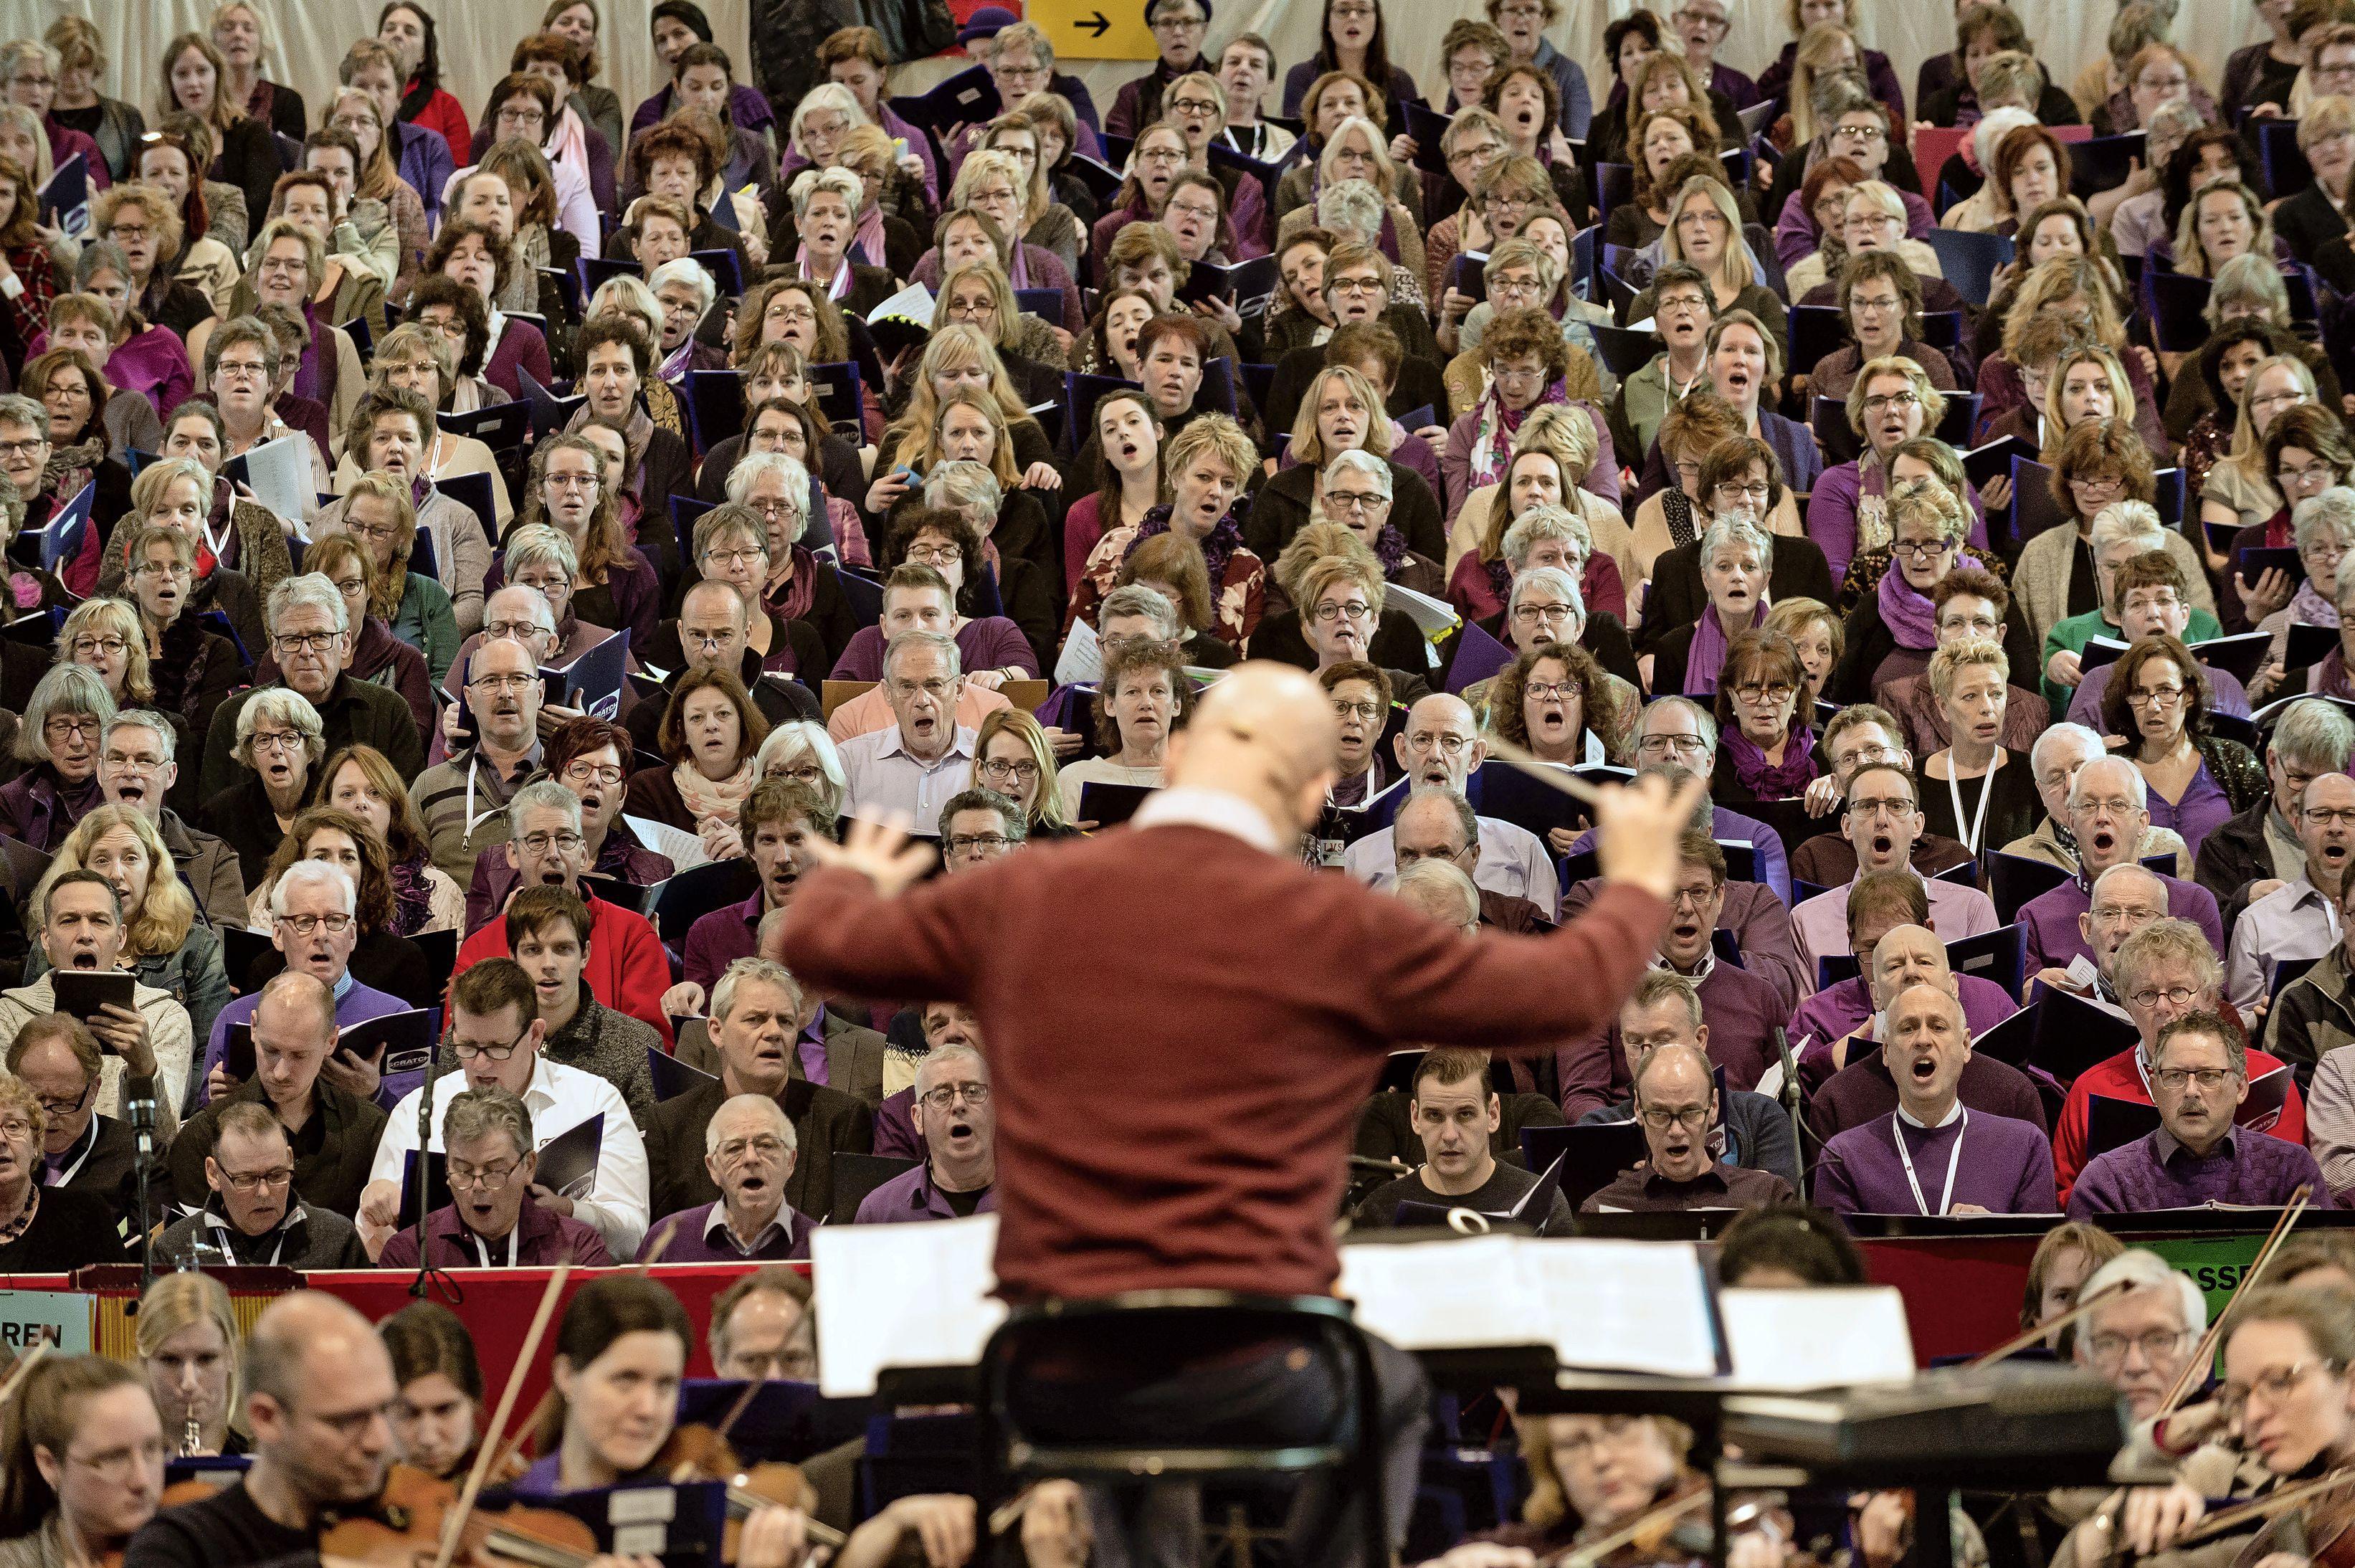 Eén knal zette zijn leven op zijn kop, nu houdt dirigent Martin van der Brugge een petitie tegen vuurwerk; 'Ik kom denk ik niet meer in concertbakken'